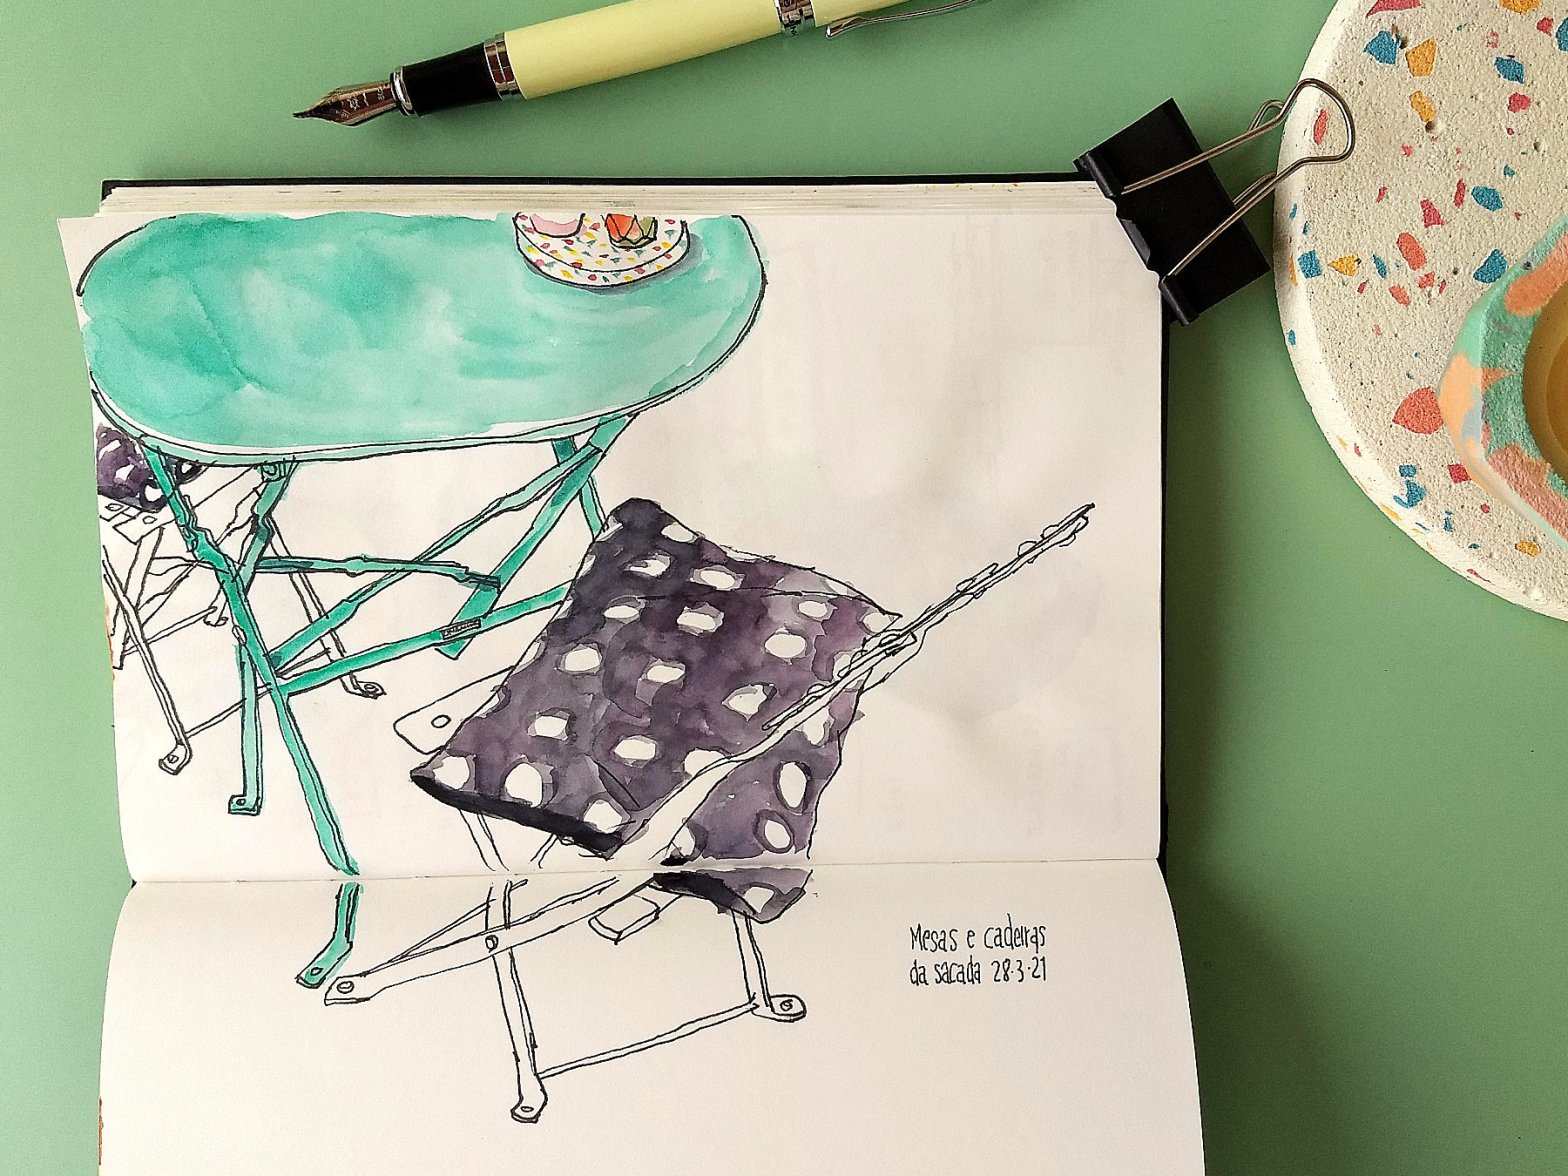 Caderno com desenho de uma mesa redonda com duas cadeiras, todas de metal. O caderno está rodeado por uma caneta e um suporte